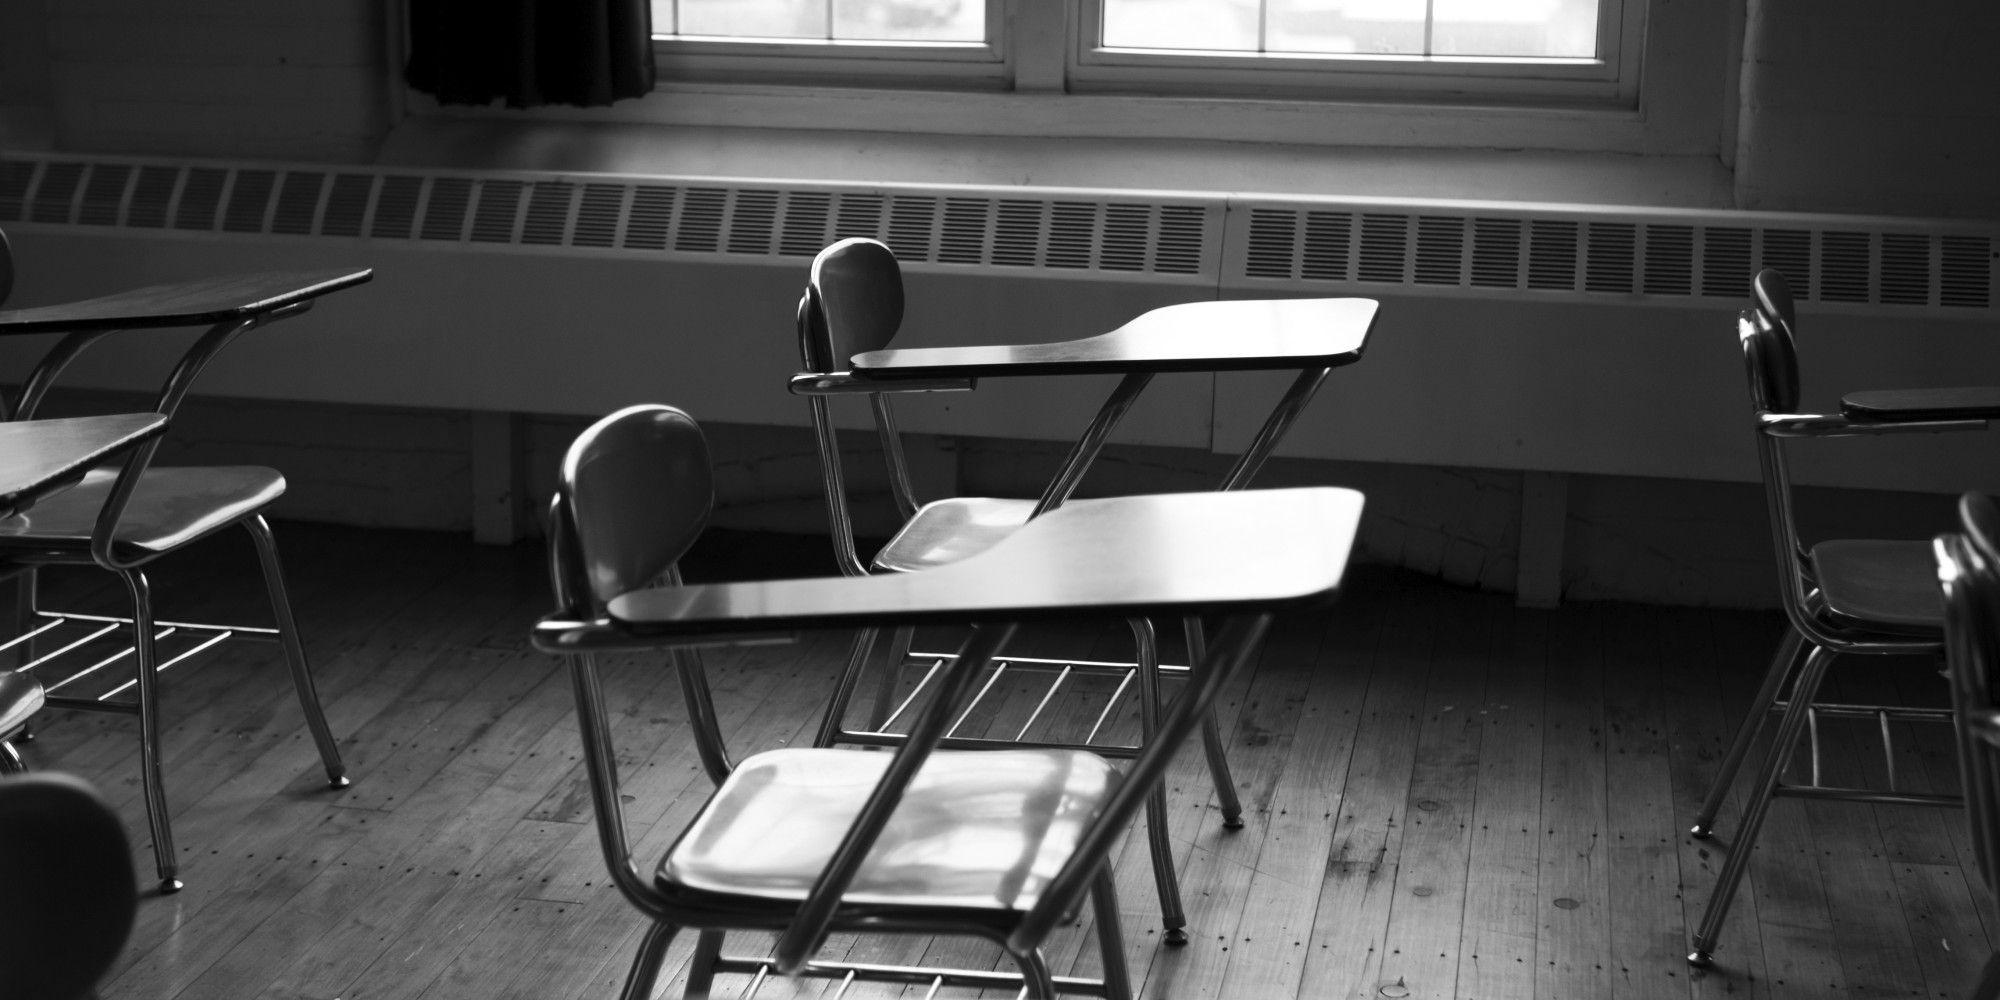 """Razzismo a scuola a Pisa: """"Una negra non può prendere dieci"""", ma lei è decisa a diventare avvocato"""